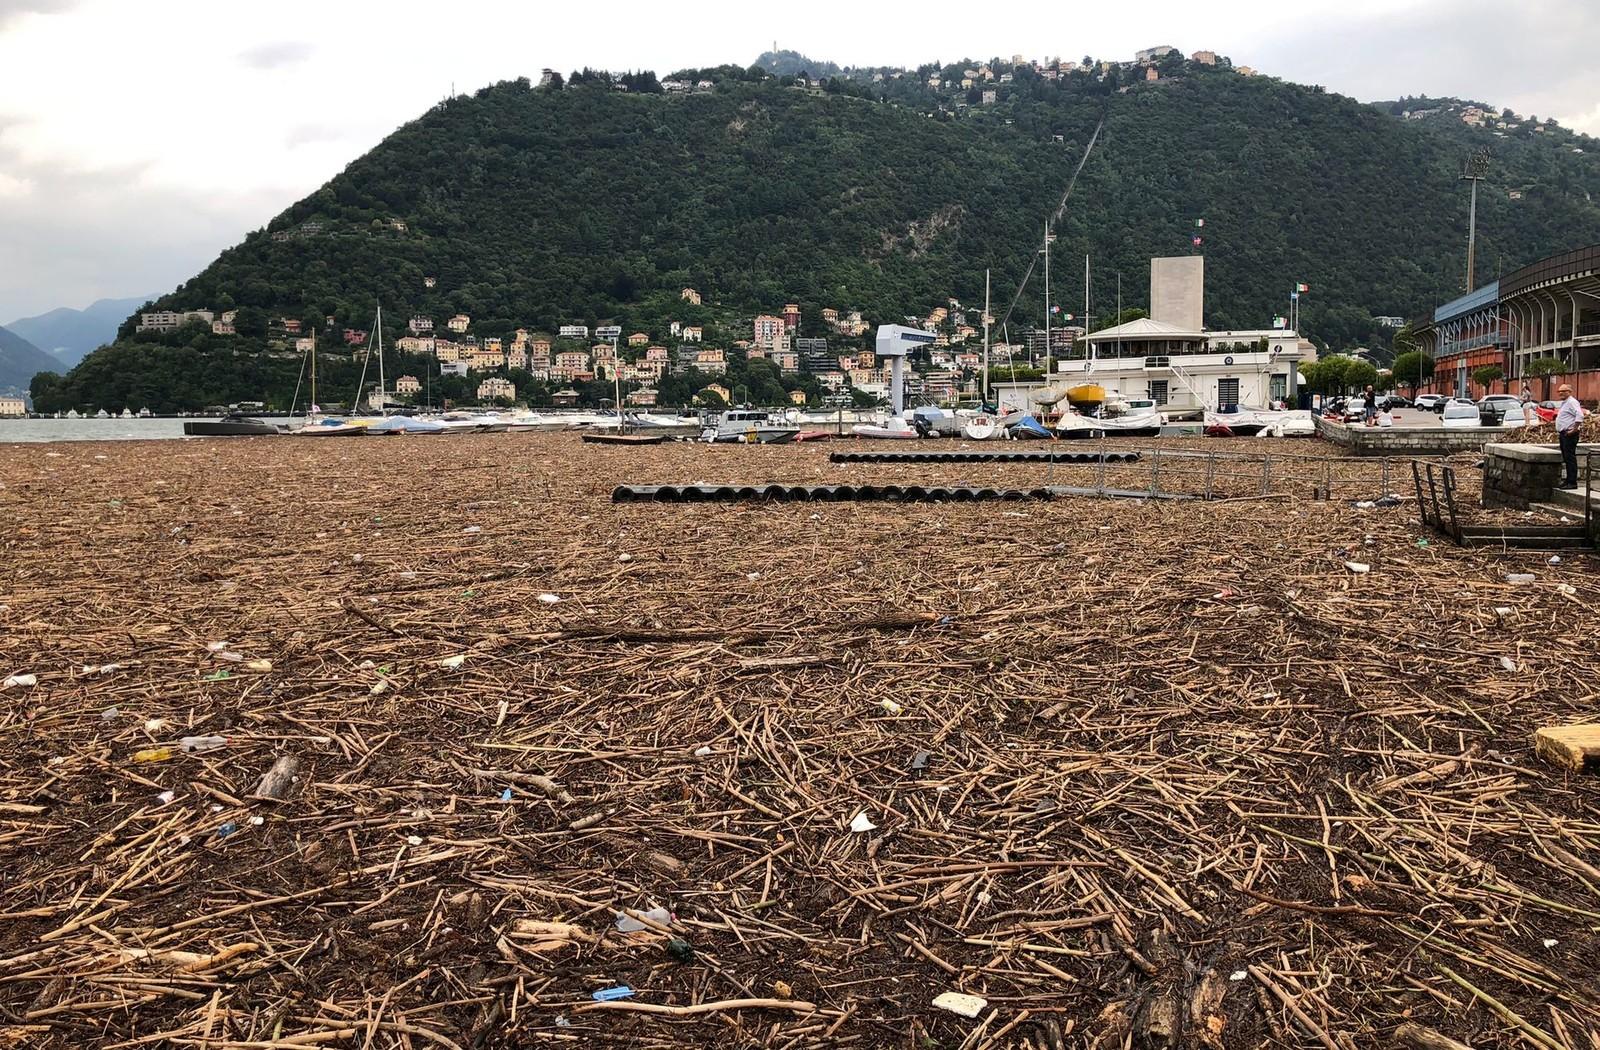 I detriti portati dall'alluvione che hanno invaso il lago di Como